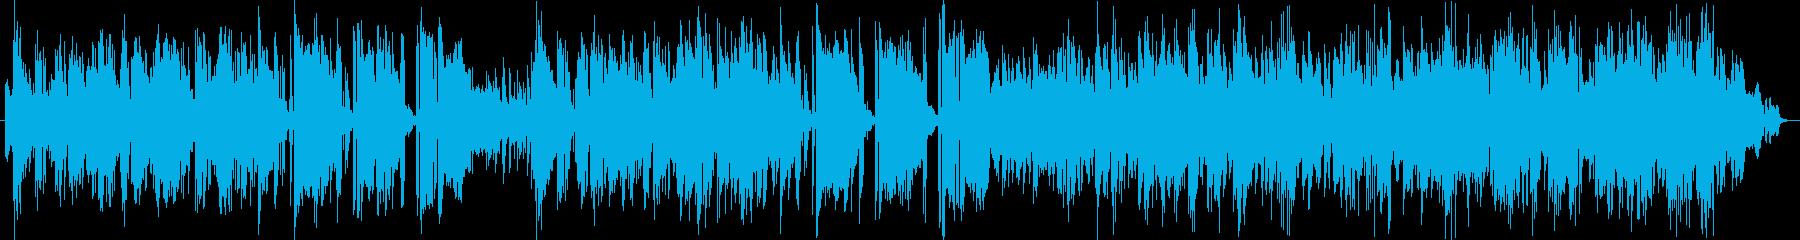 クレイジー、ジャズの即興演奏の再生済みの波形